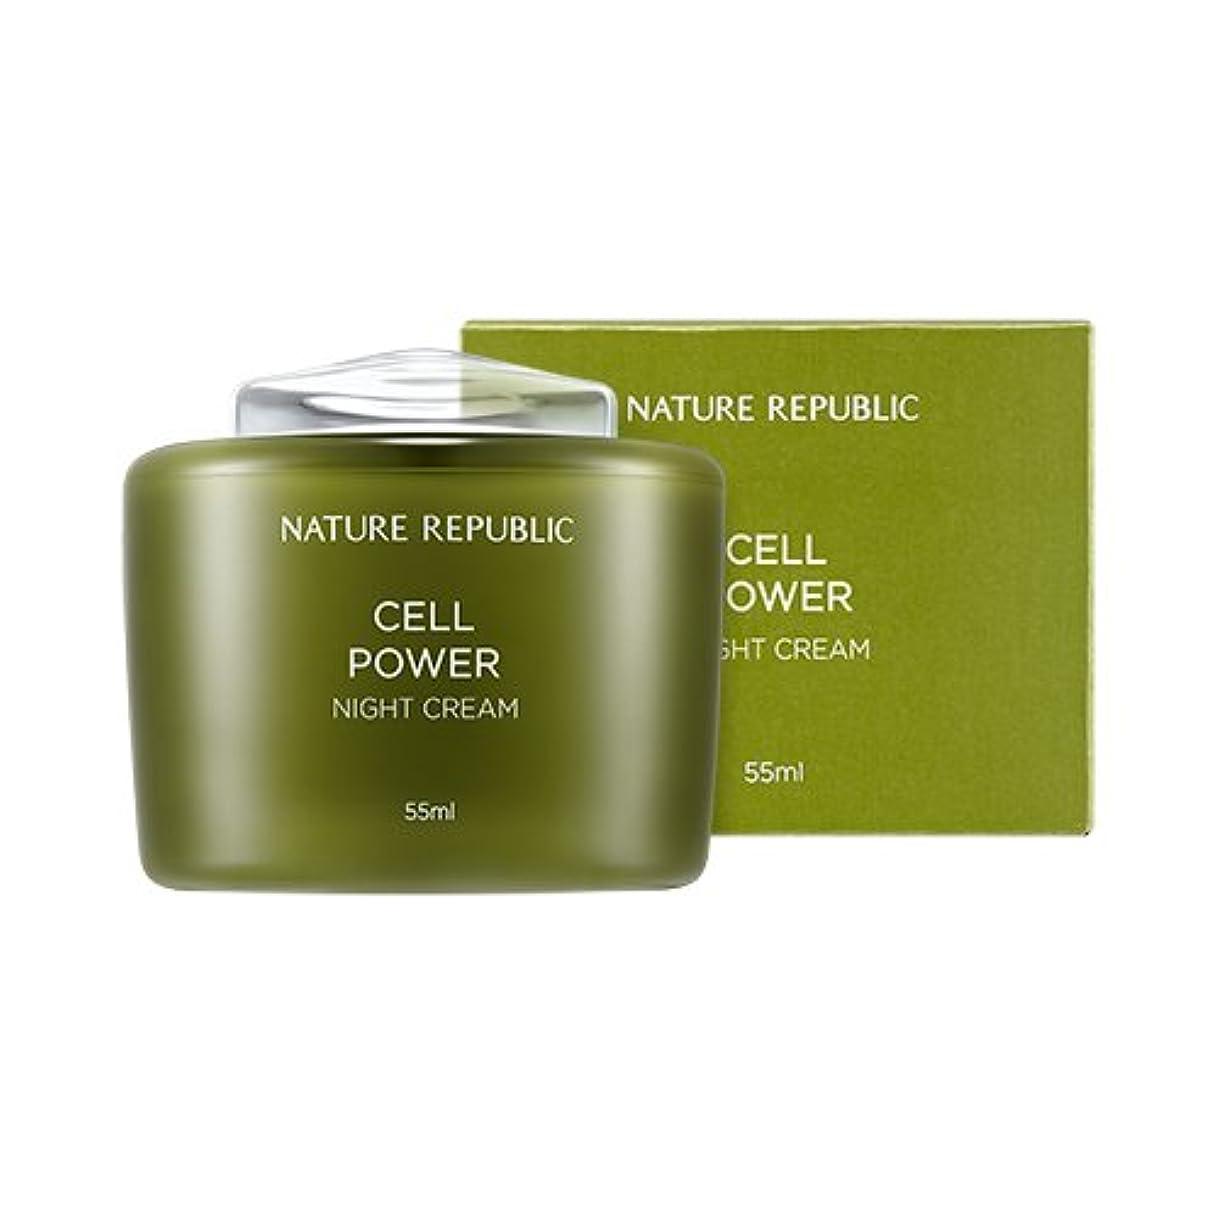 ストレッチ遅い通知するNature Republic Cell Power Night Cream ネイチャーリパブリックセルパワーナイトクリーム [並行輸入品]